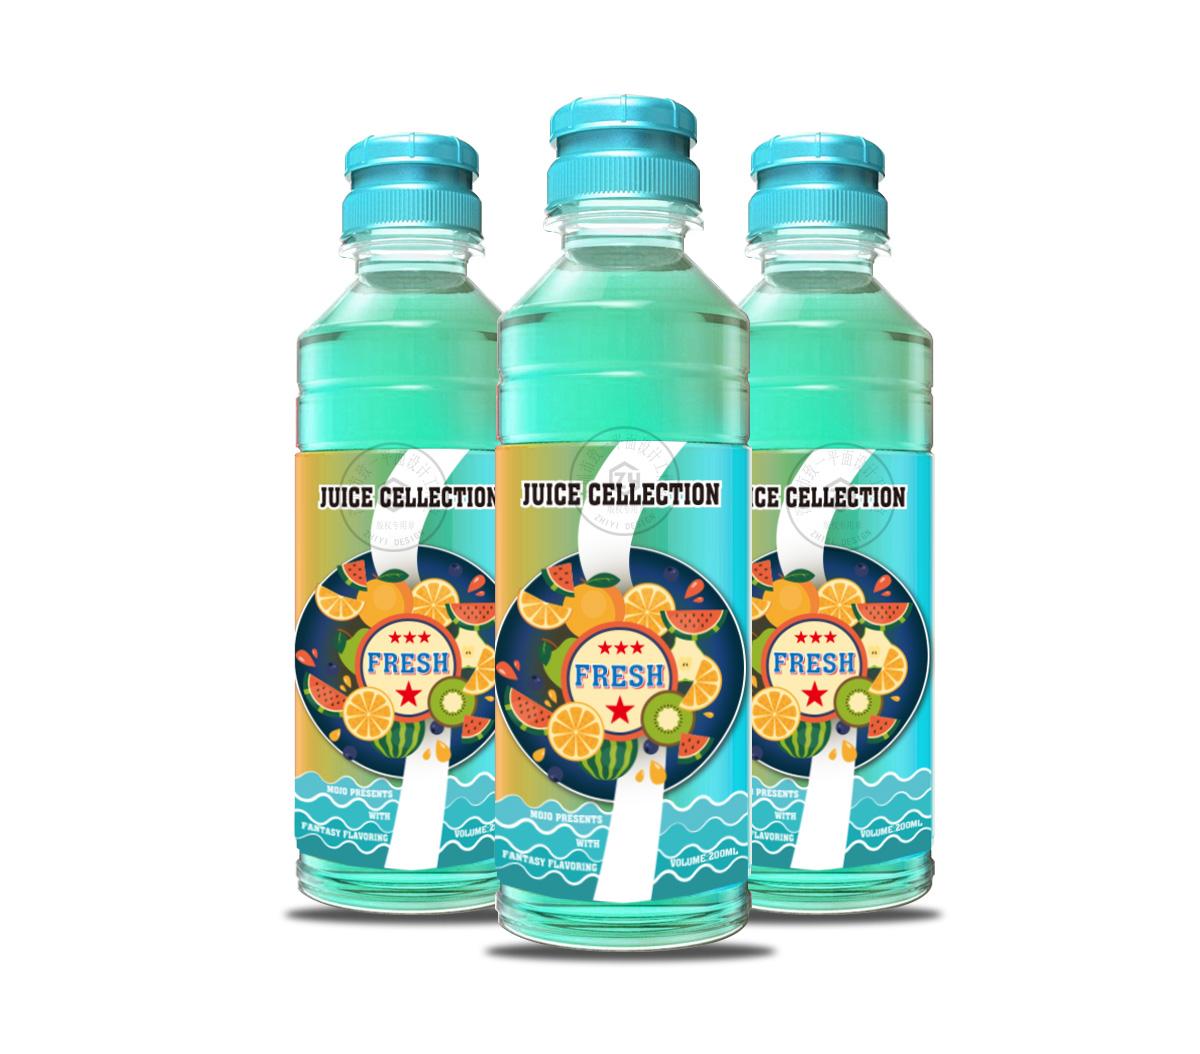 饮料瓶外包装设计 - 致一包装设计公司